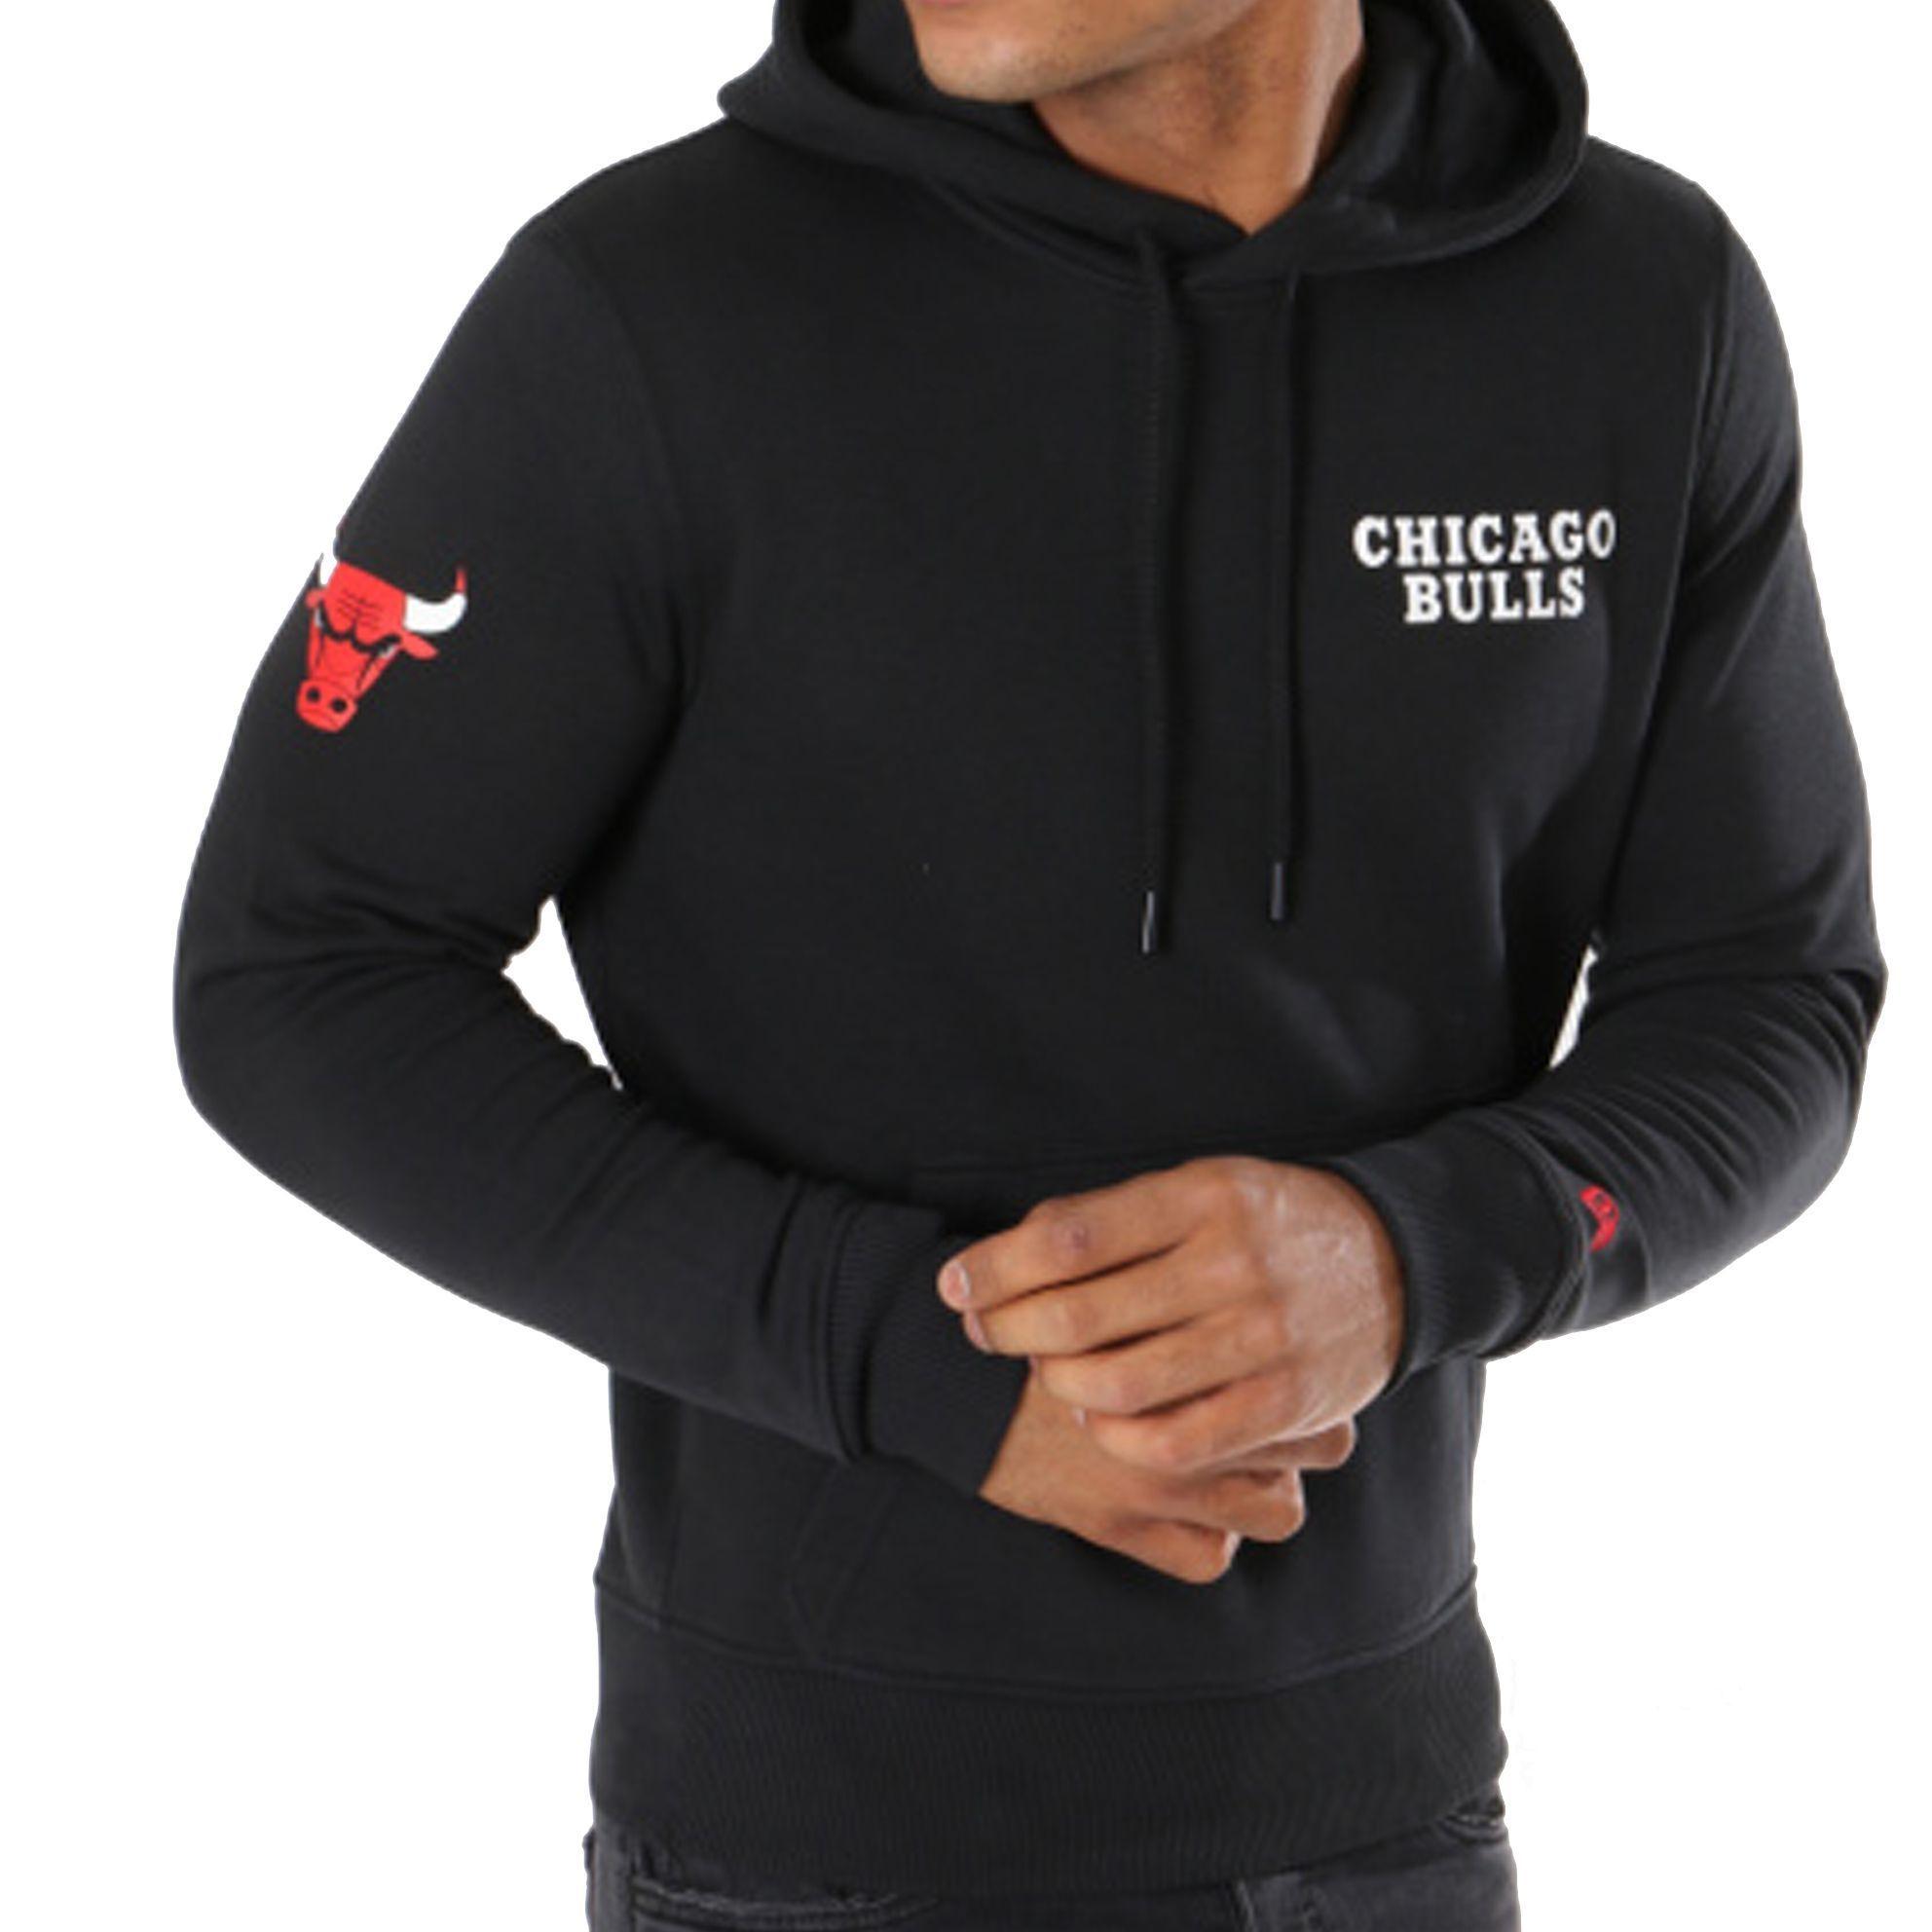 Chicago Noir Sweat Nouveaux Zipé Bulls rxtdohQBsC